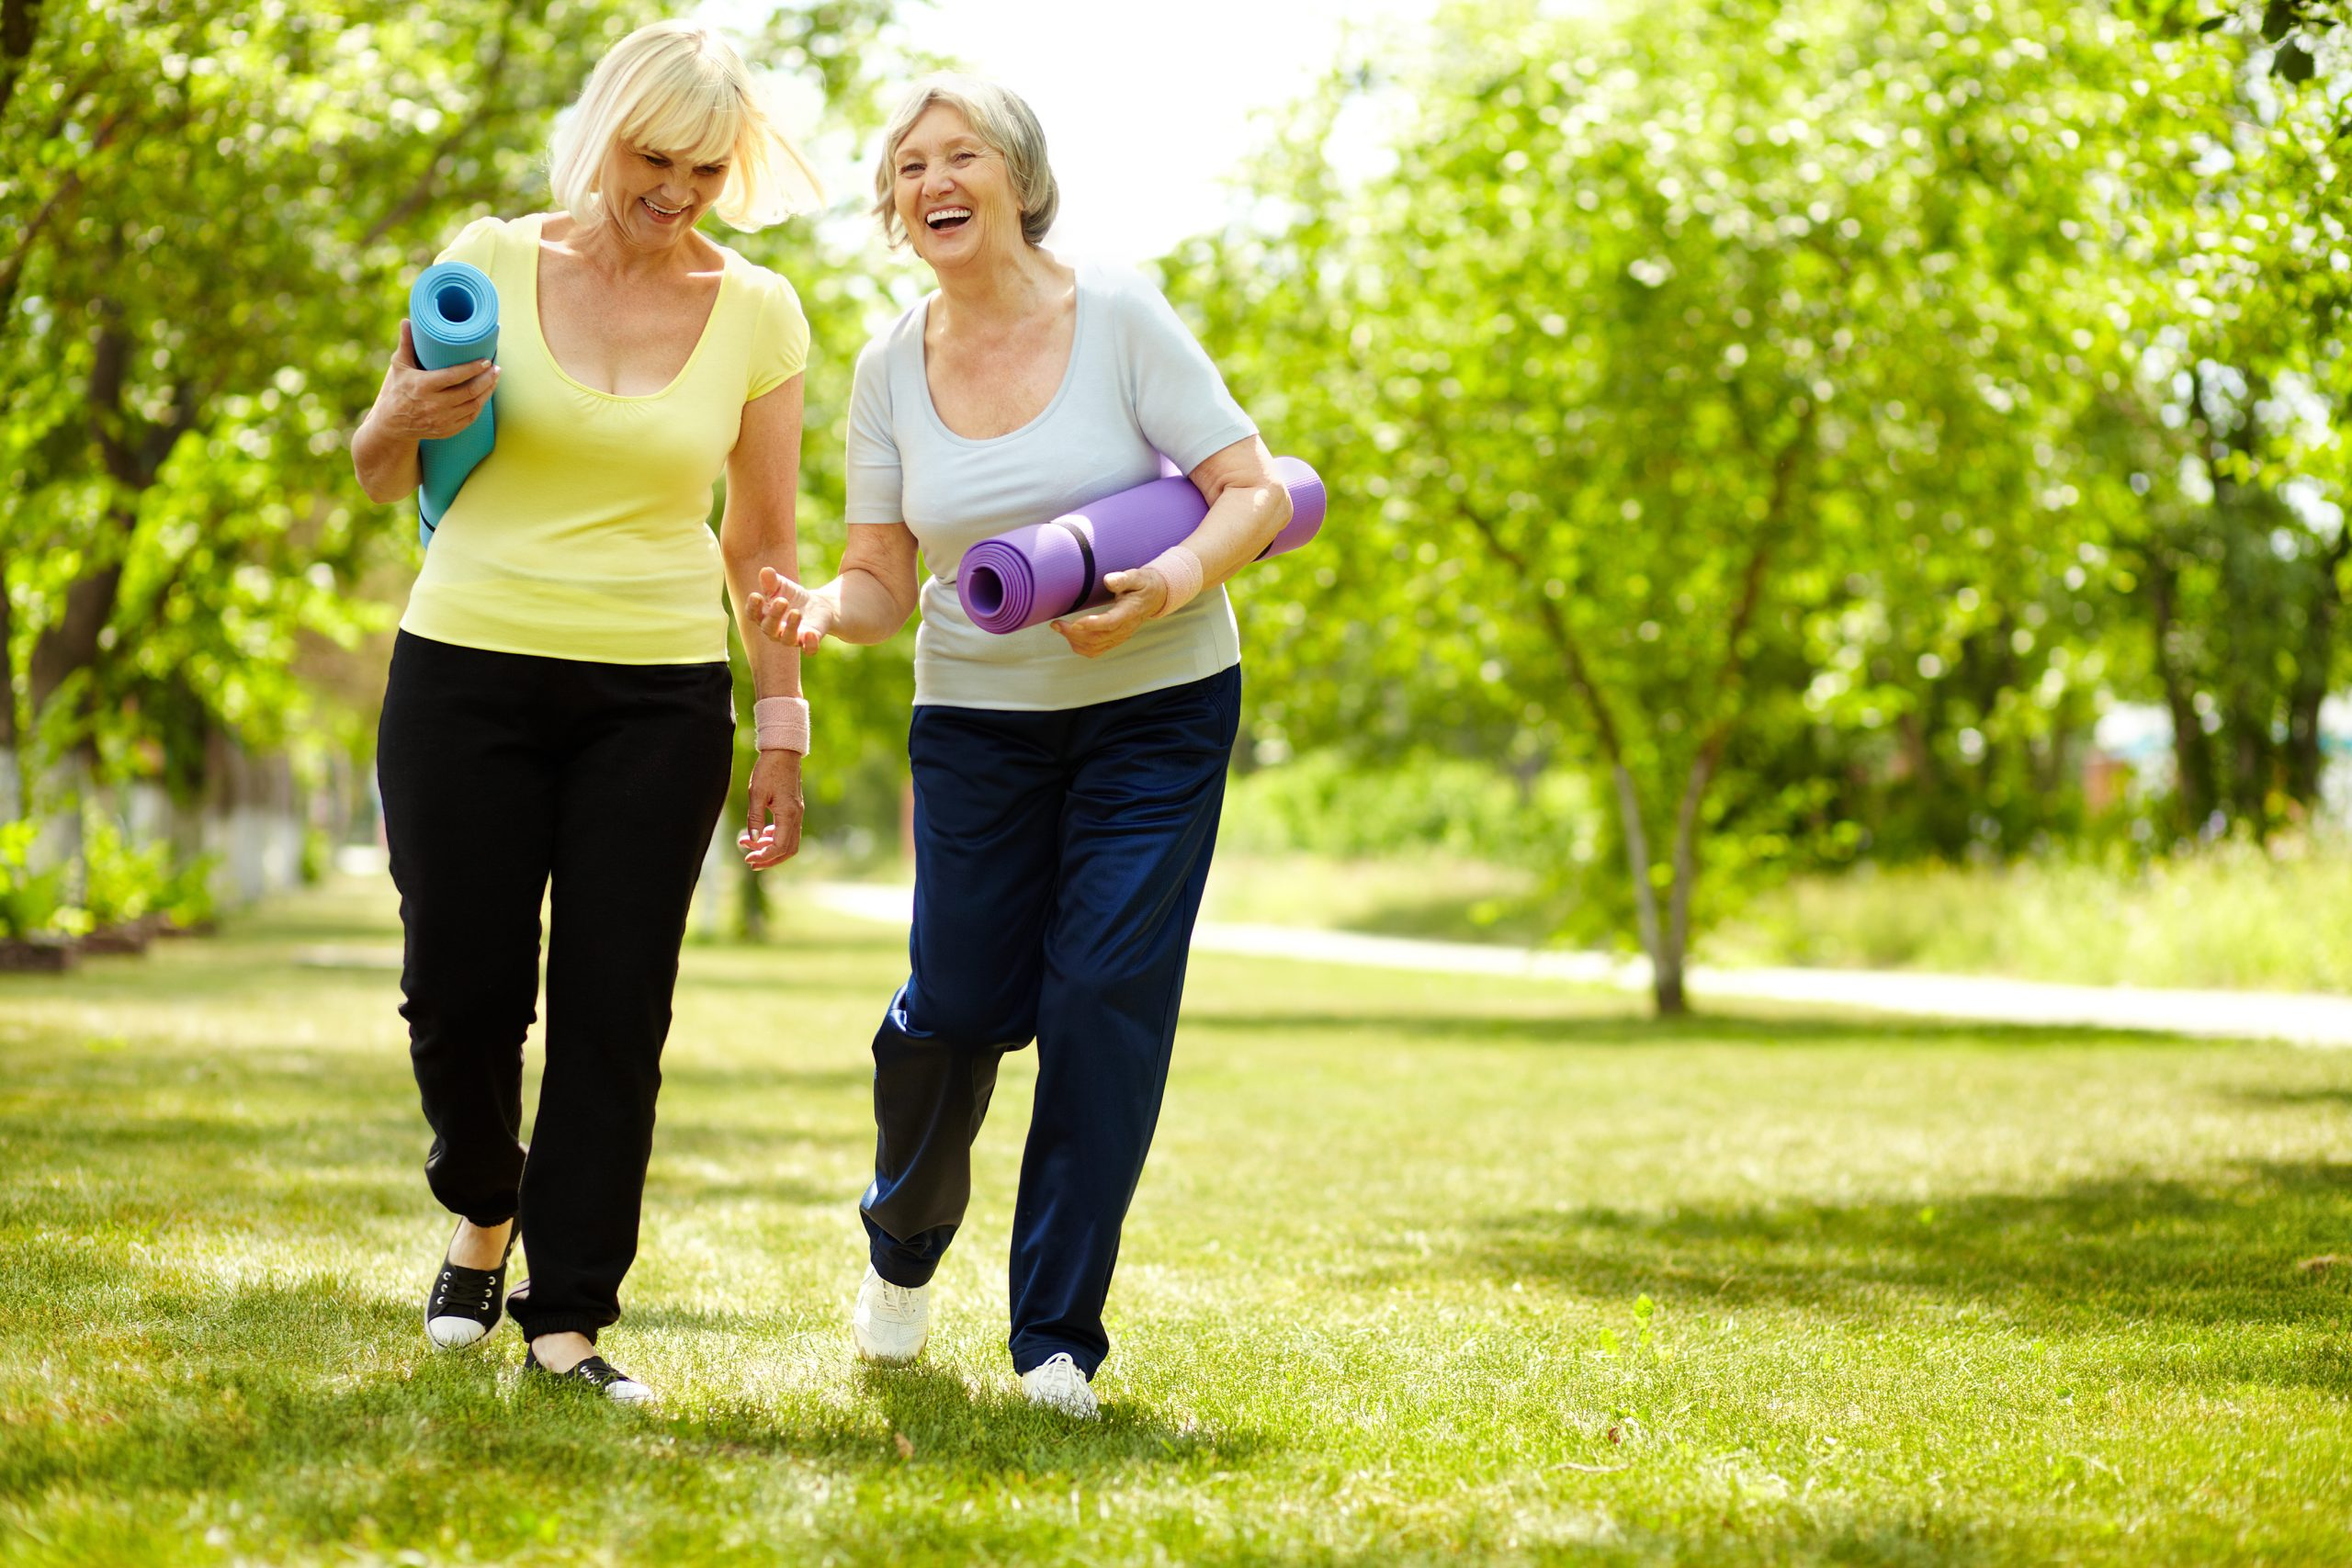 Αθλητισμός Εγκέφαλος: Περισσότερη κίνηση σημαίνει καλύτερη μνήμη [vid]